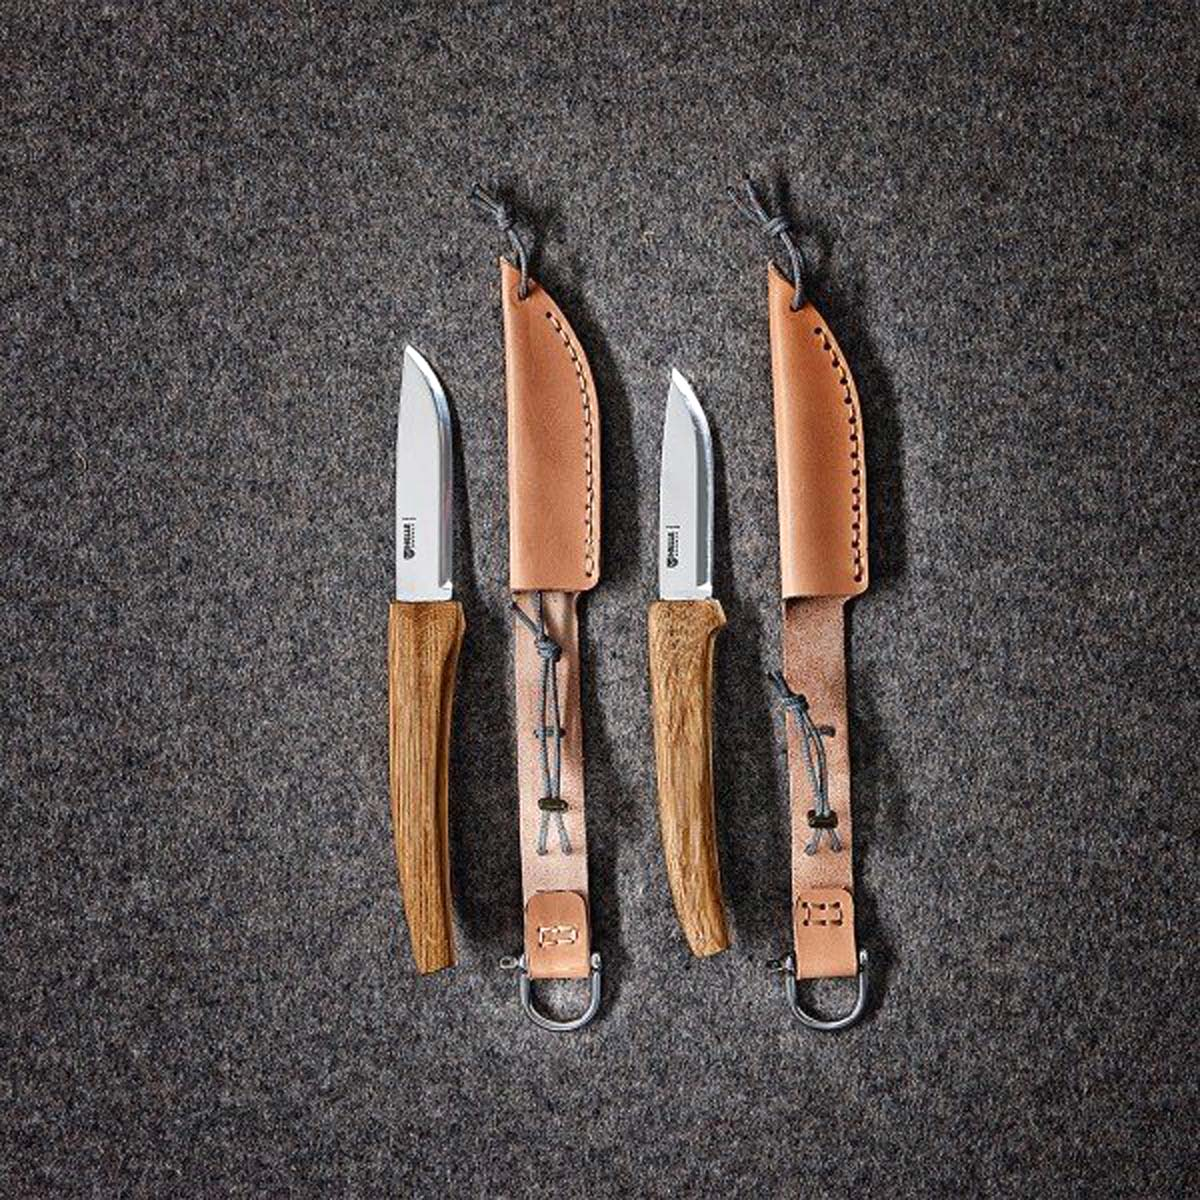 Edle Teil! Ein selbstgemachtes Messer dient schon von Anfang an als Erinnungsträger. Foto: HELDBERGS